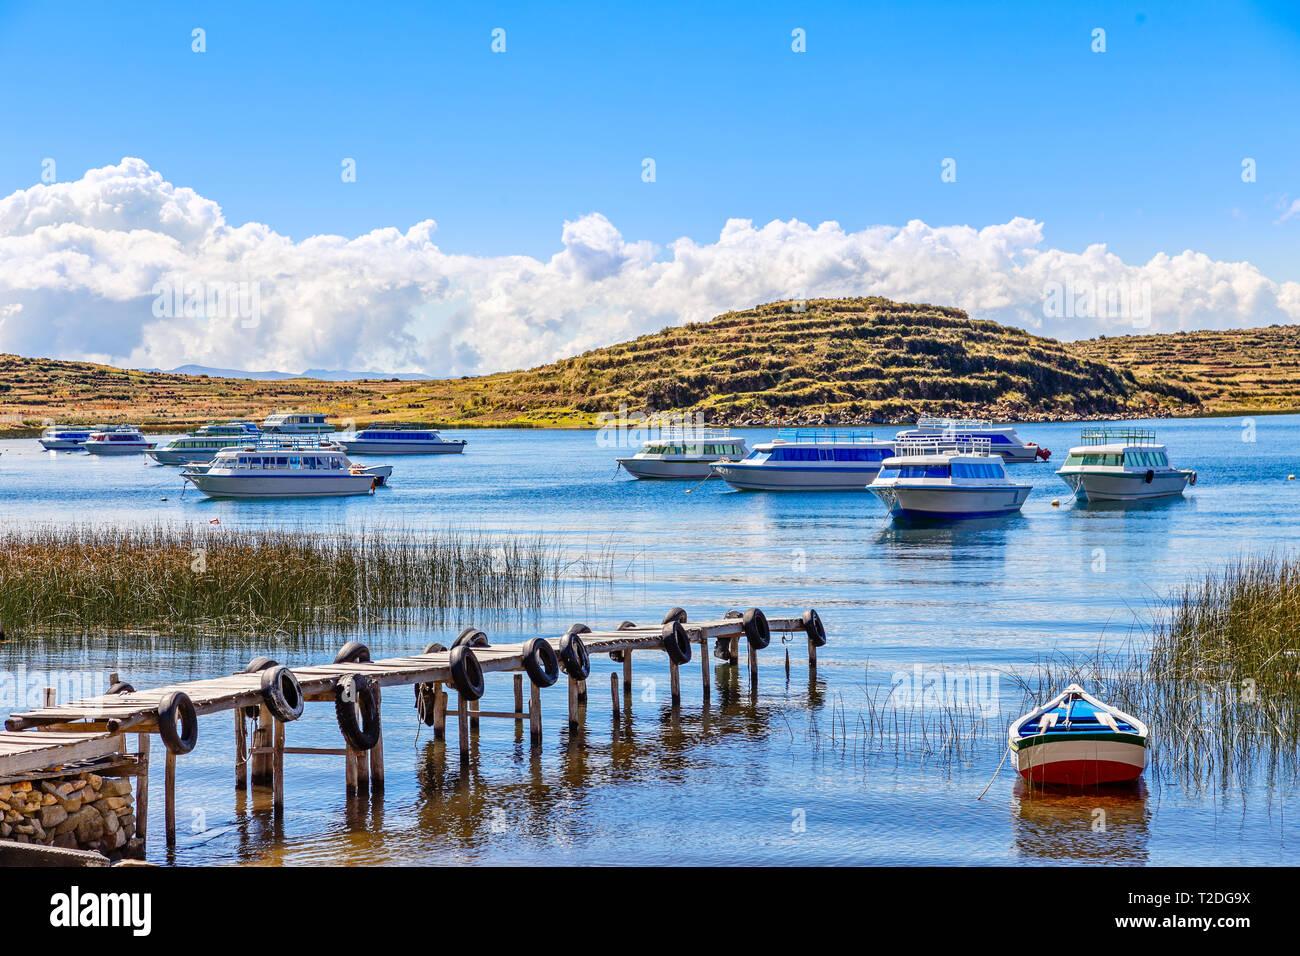 Motor boats anchored at the coast of Titicaca lake, Bolivia - Stock Image